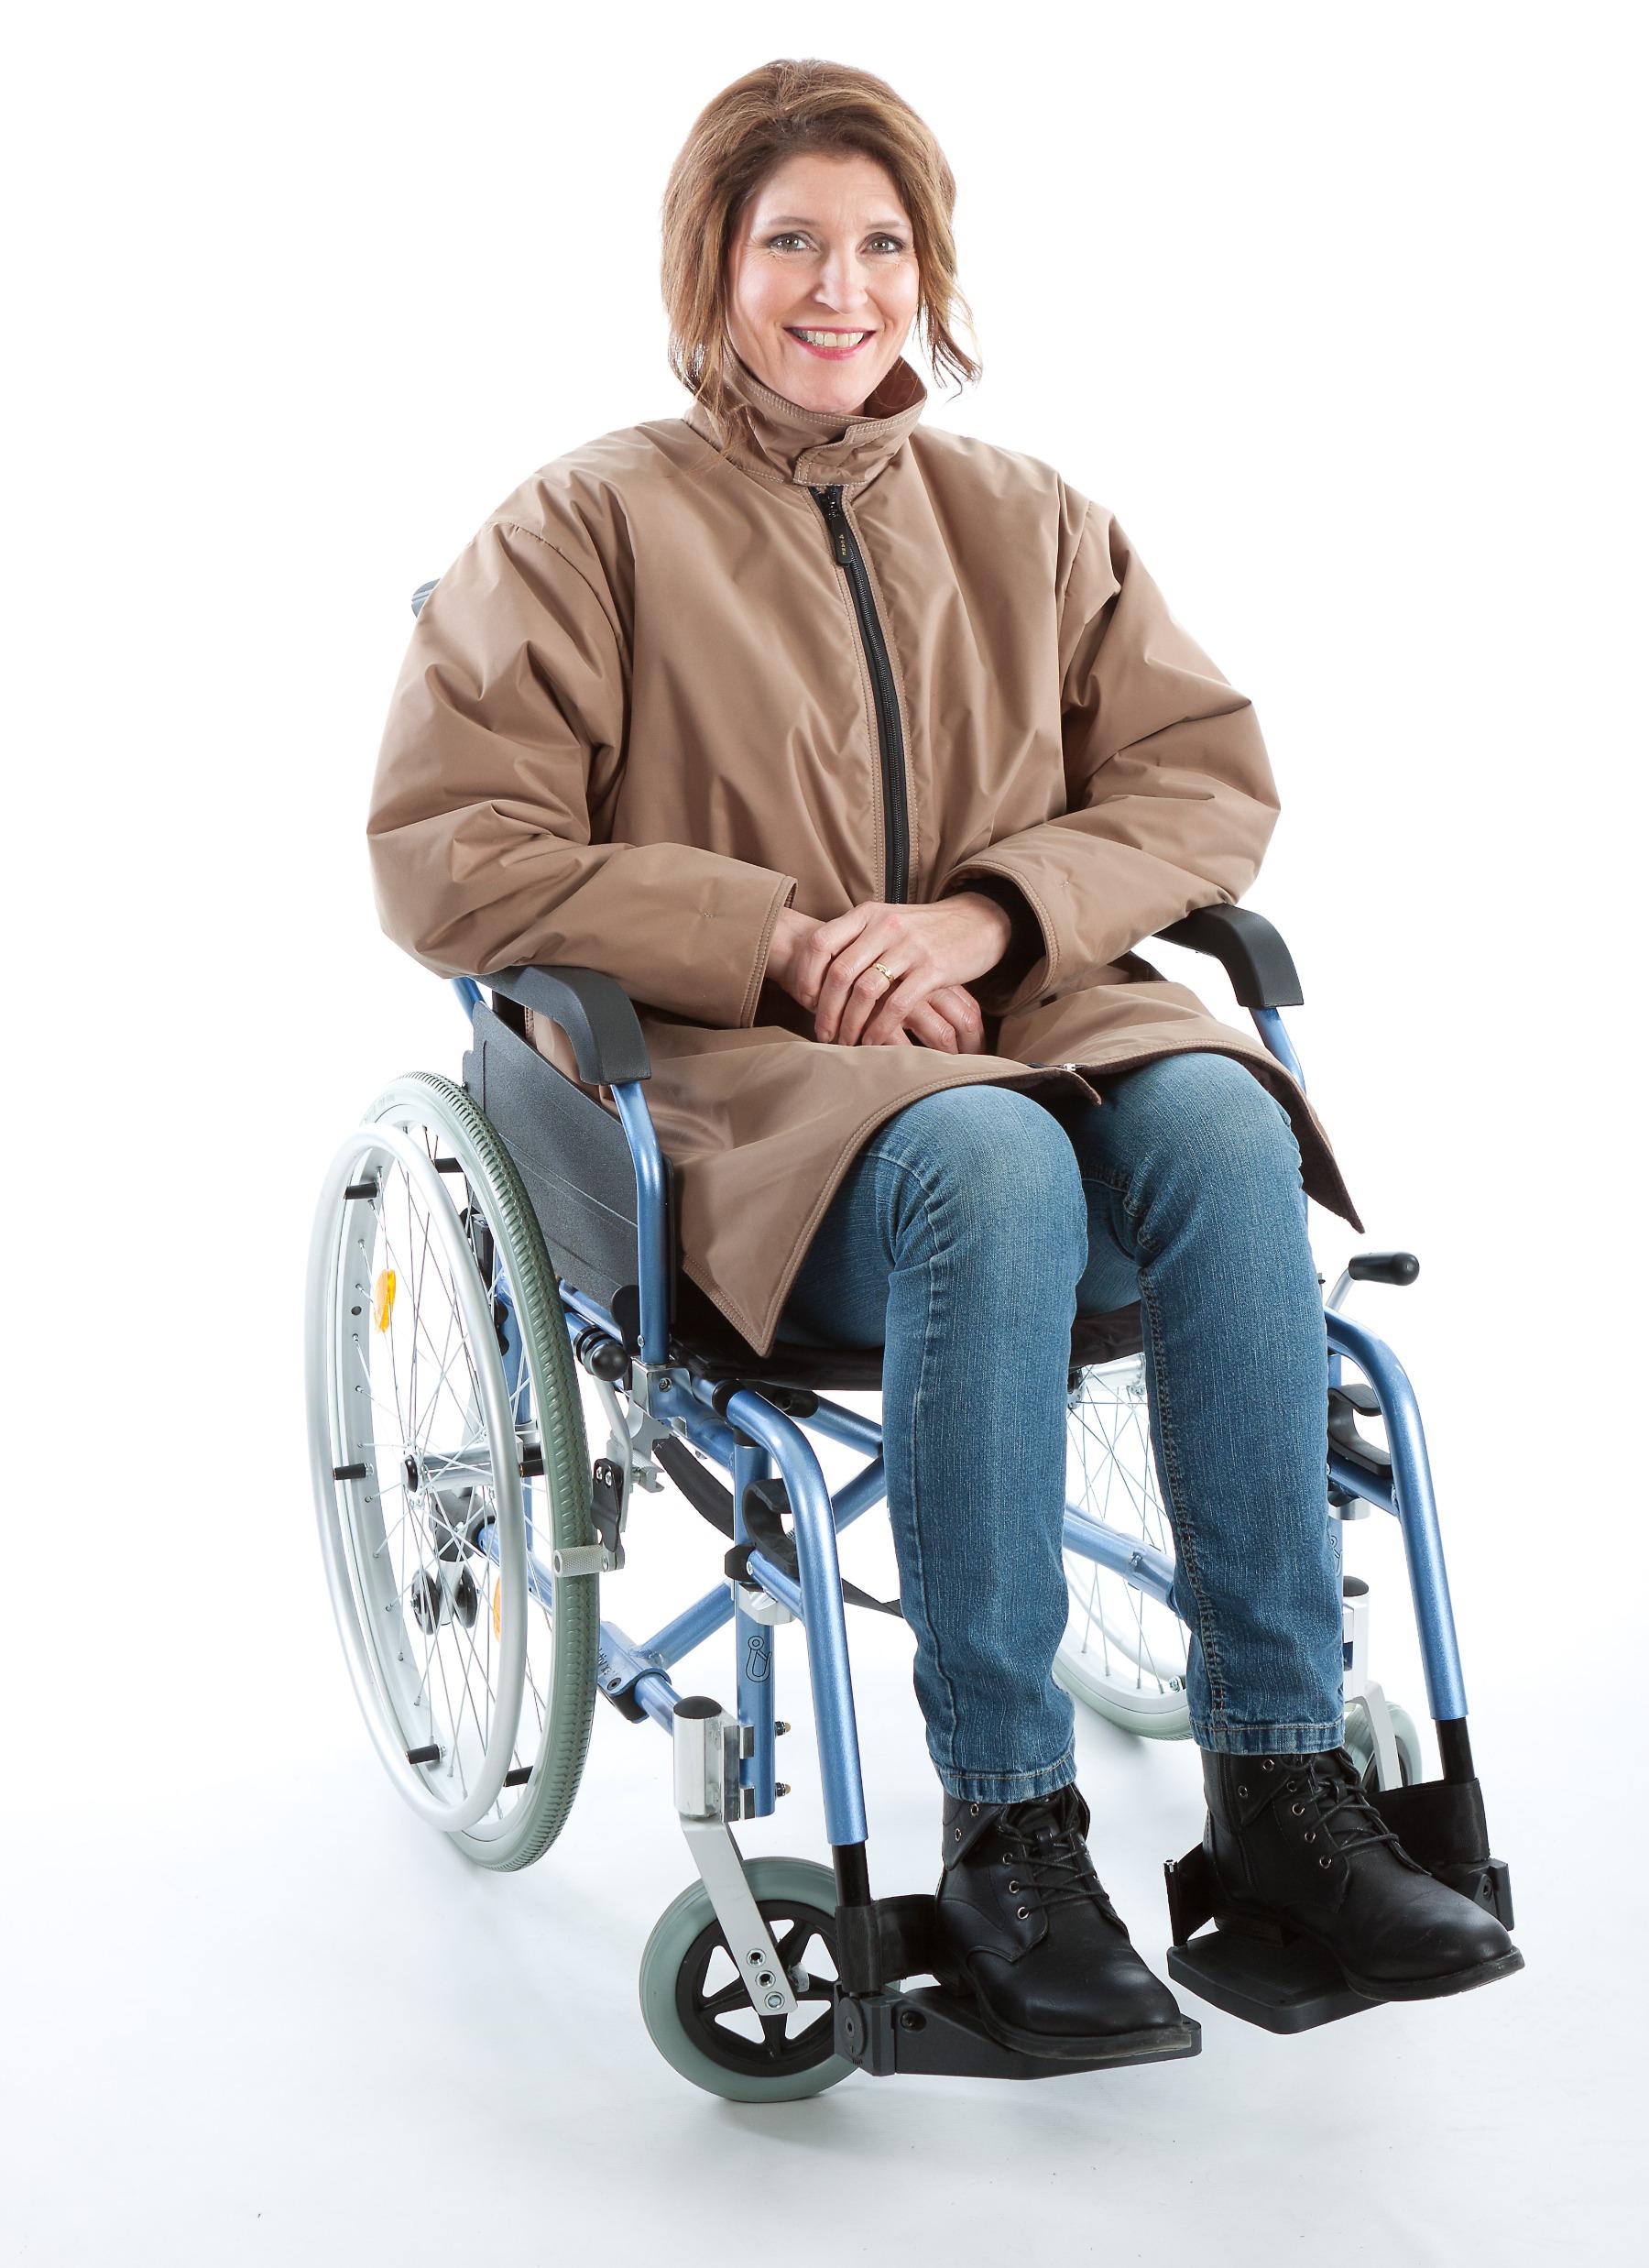 Rolstoeljas winter rolstoelkleding ZorgMode 7329 938